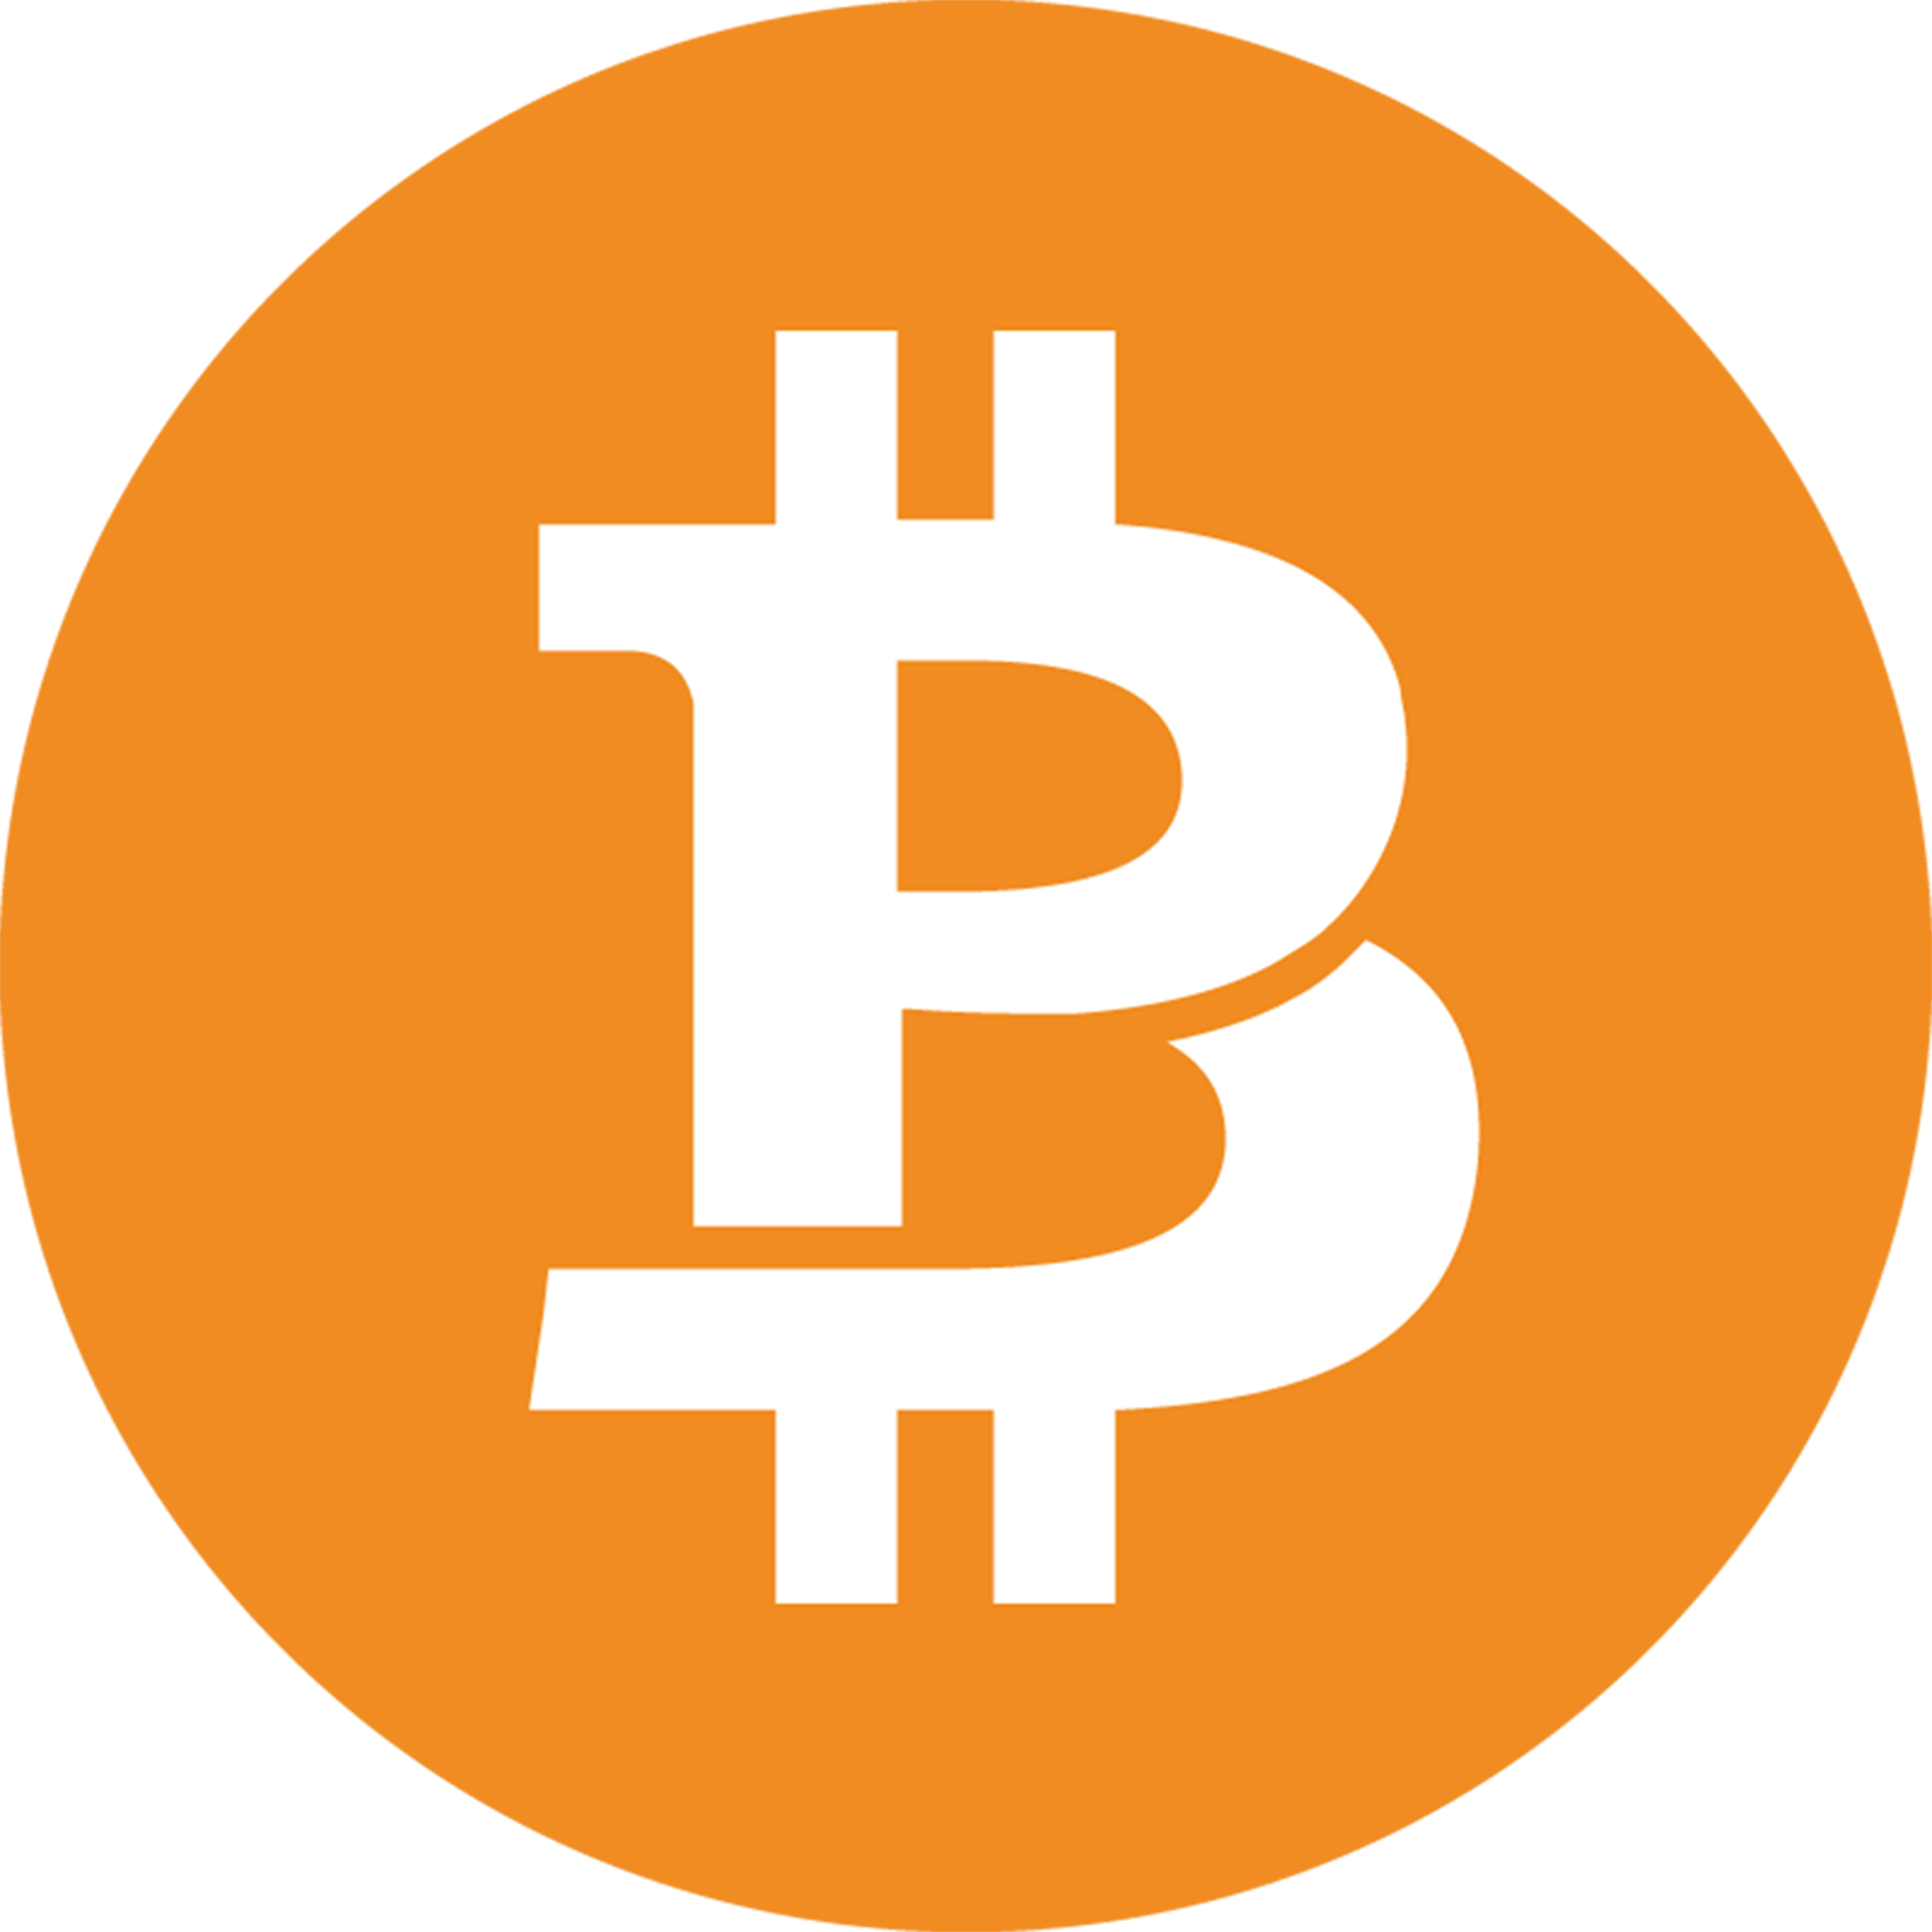 bitcoinposlogoflagfull